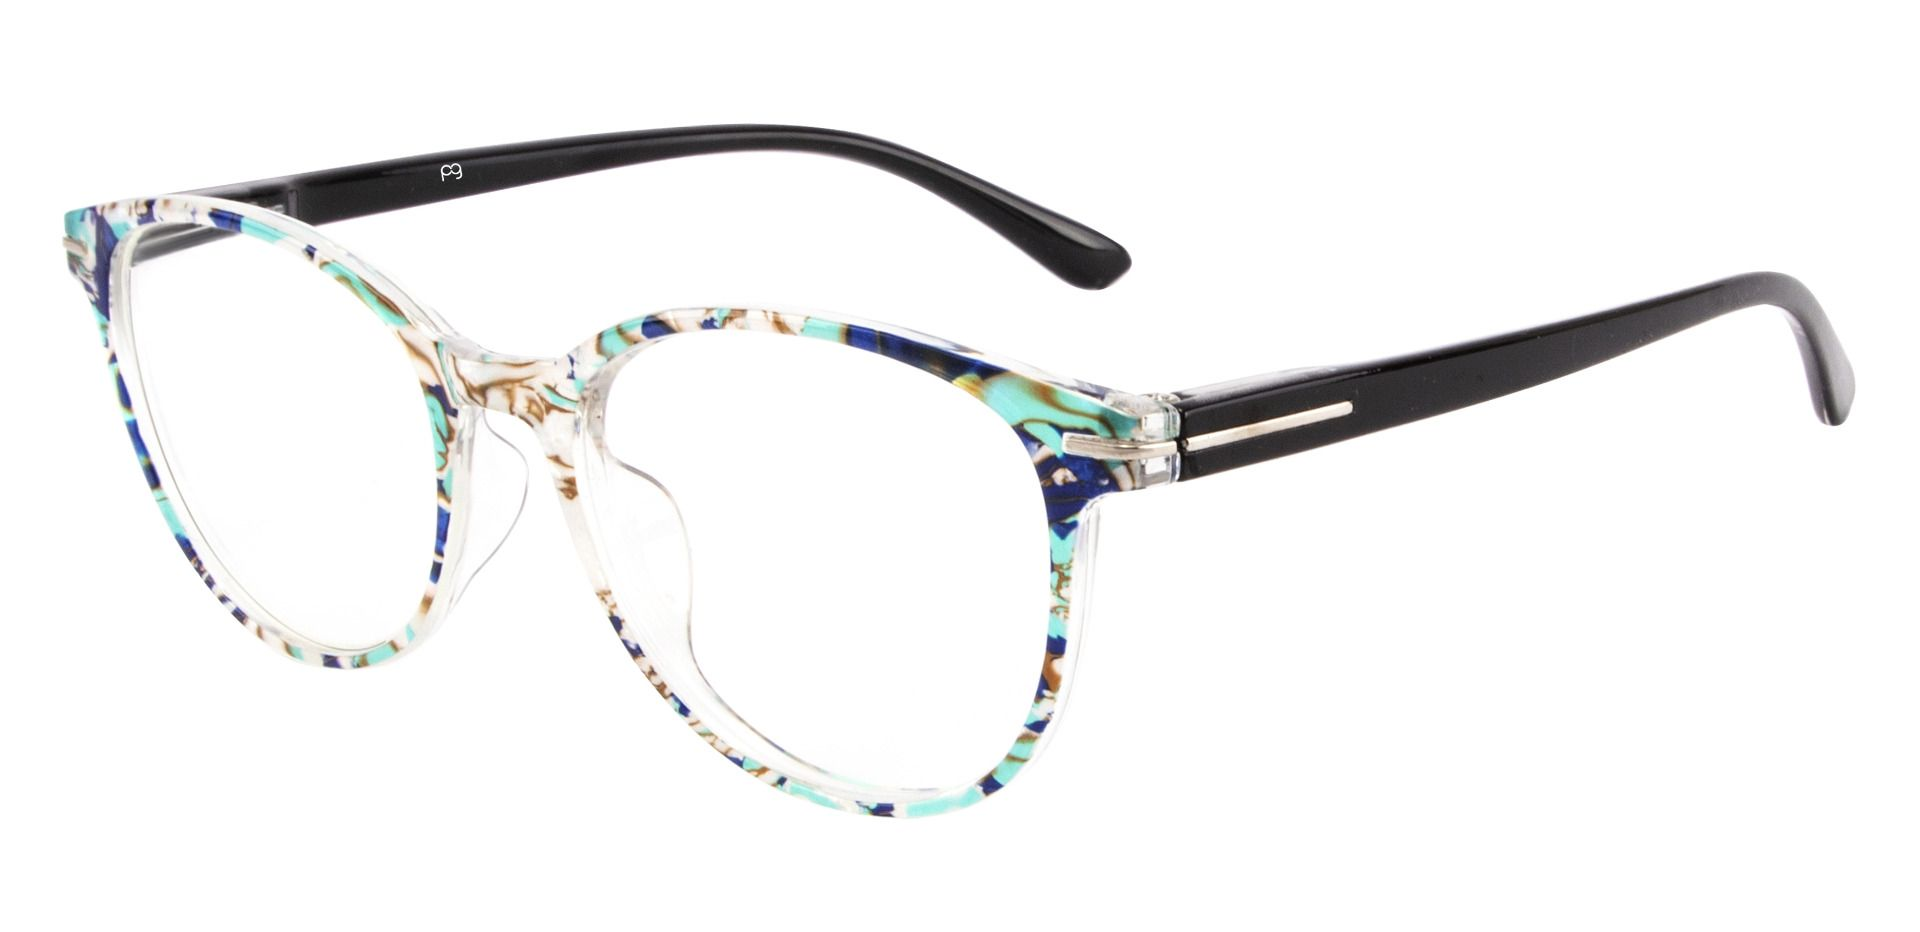 Benton Oval Lined Bifocal Glasses - Floral